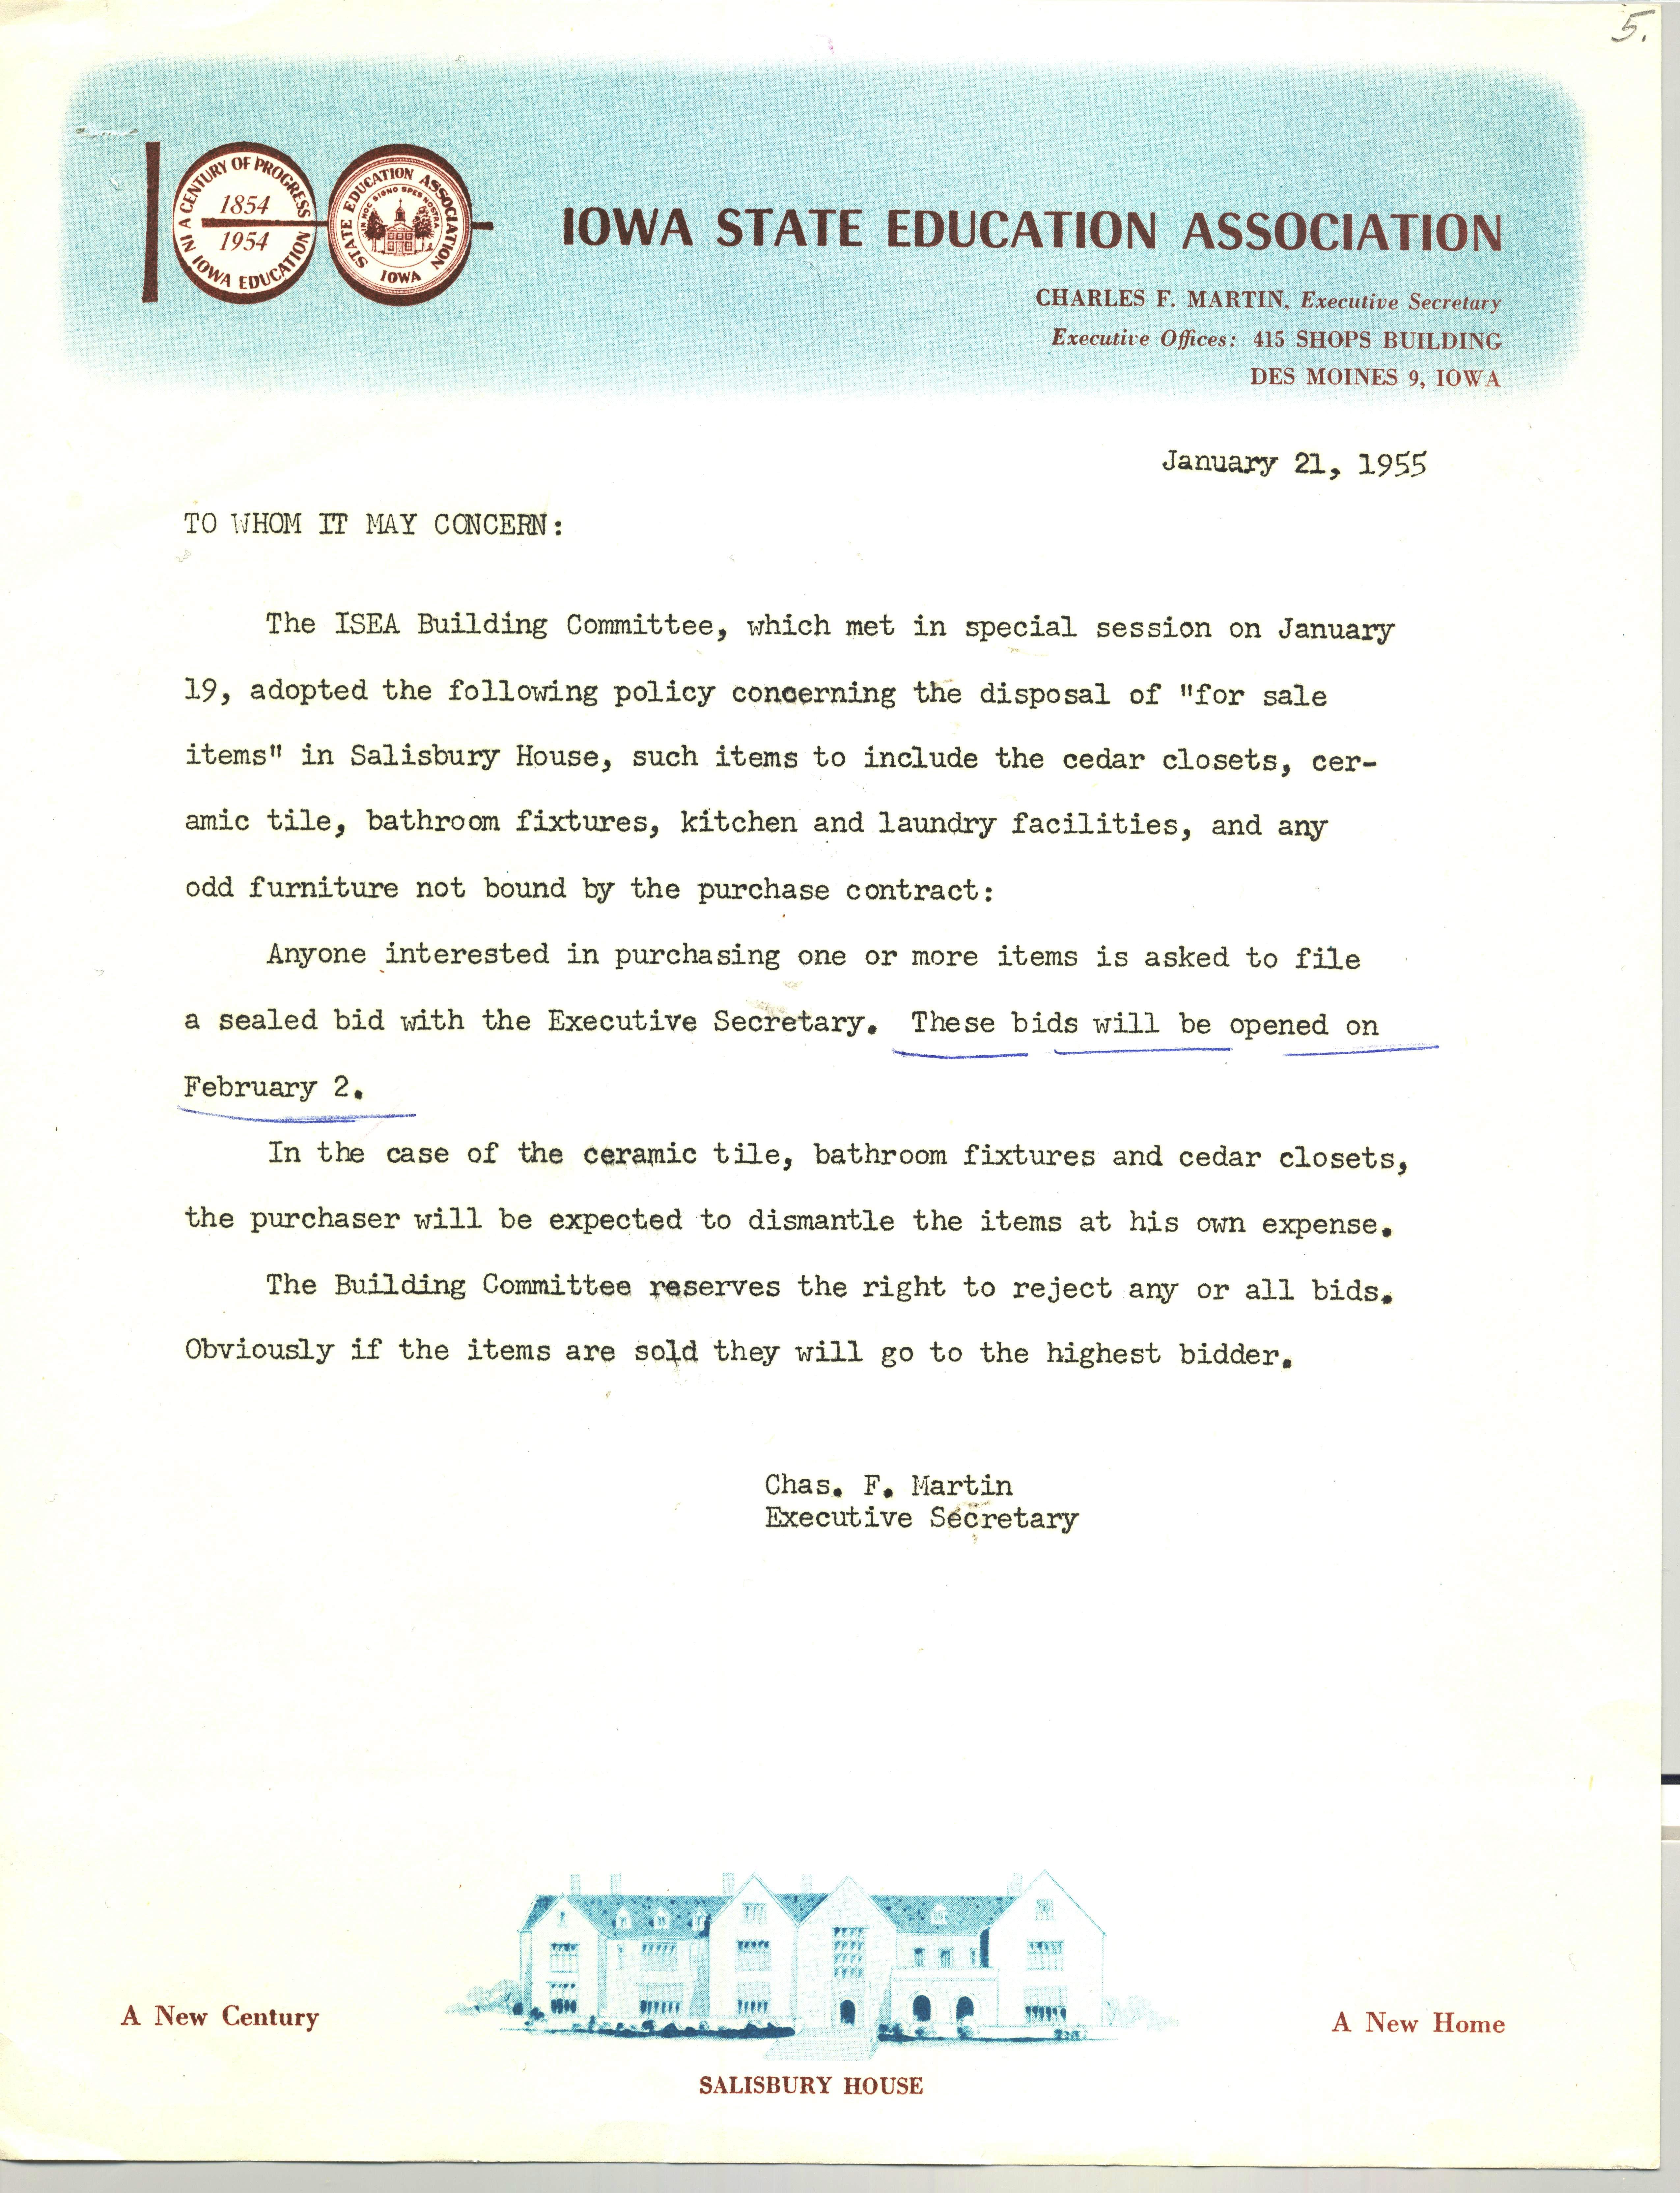 For Sale letter_Jan 1955